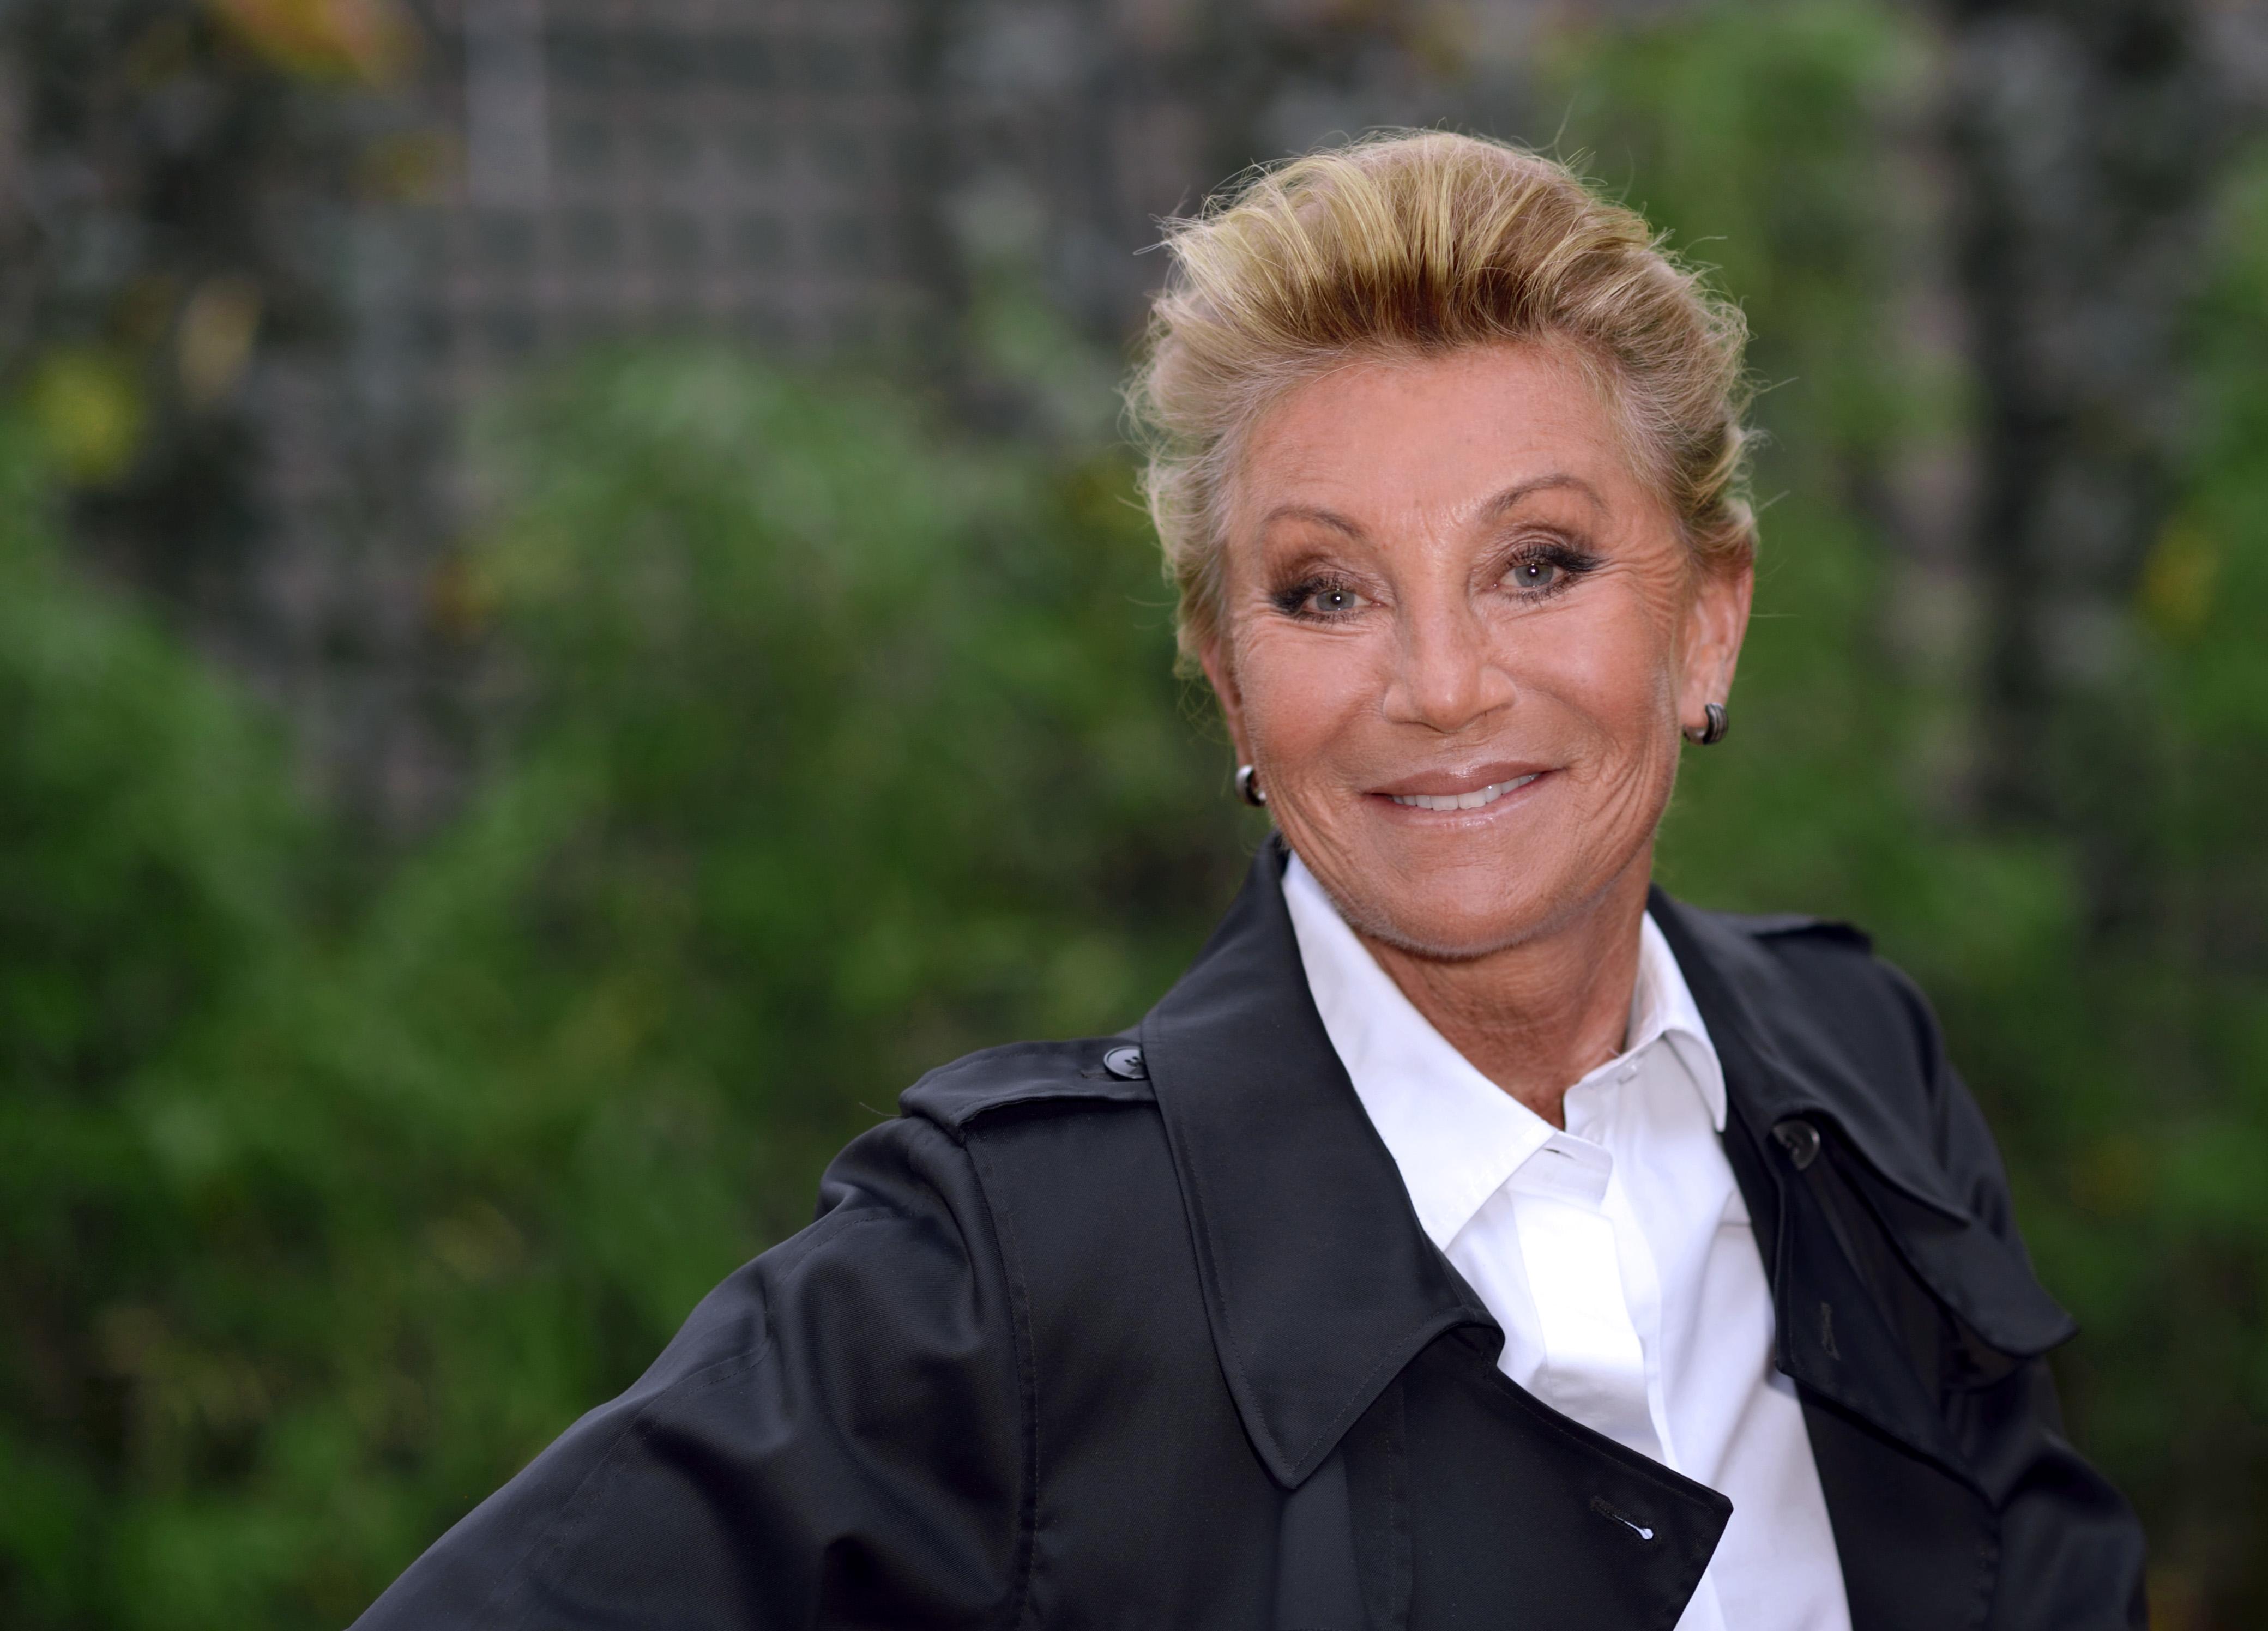 Sheila révèle les circonstances de la mort de son fils — Ludovic Chancel décédé